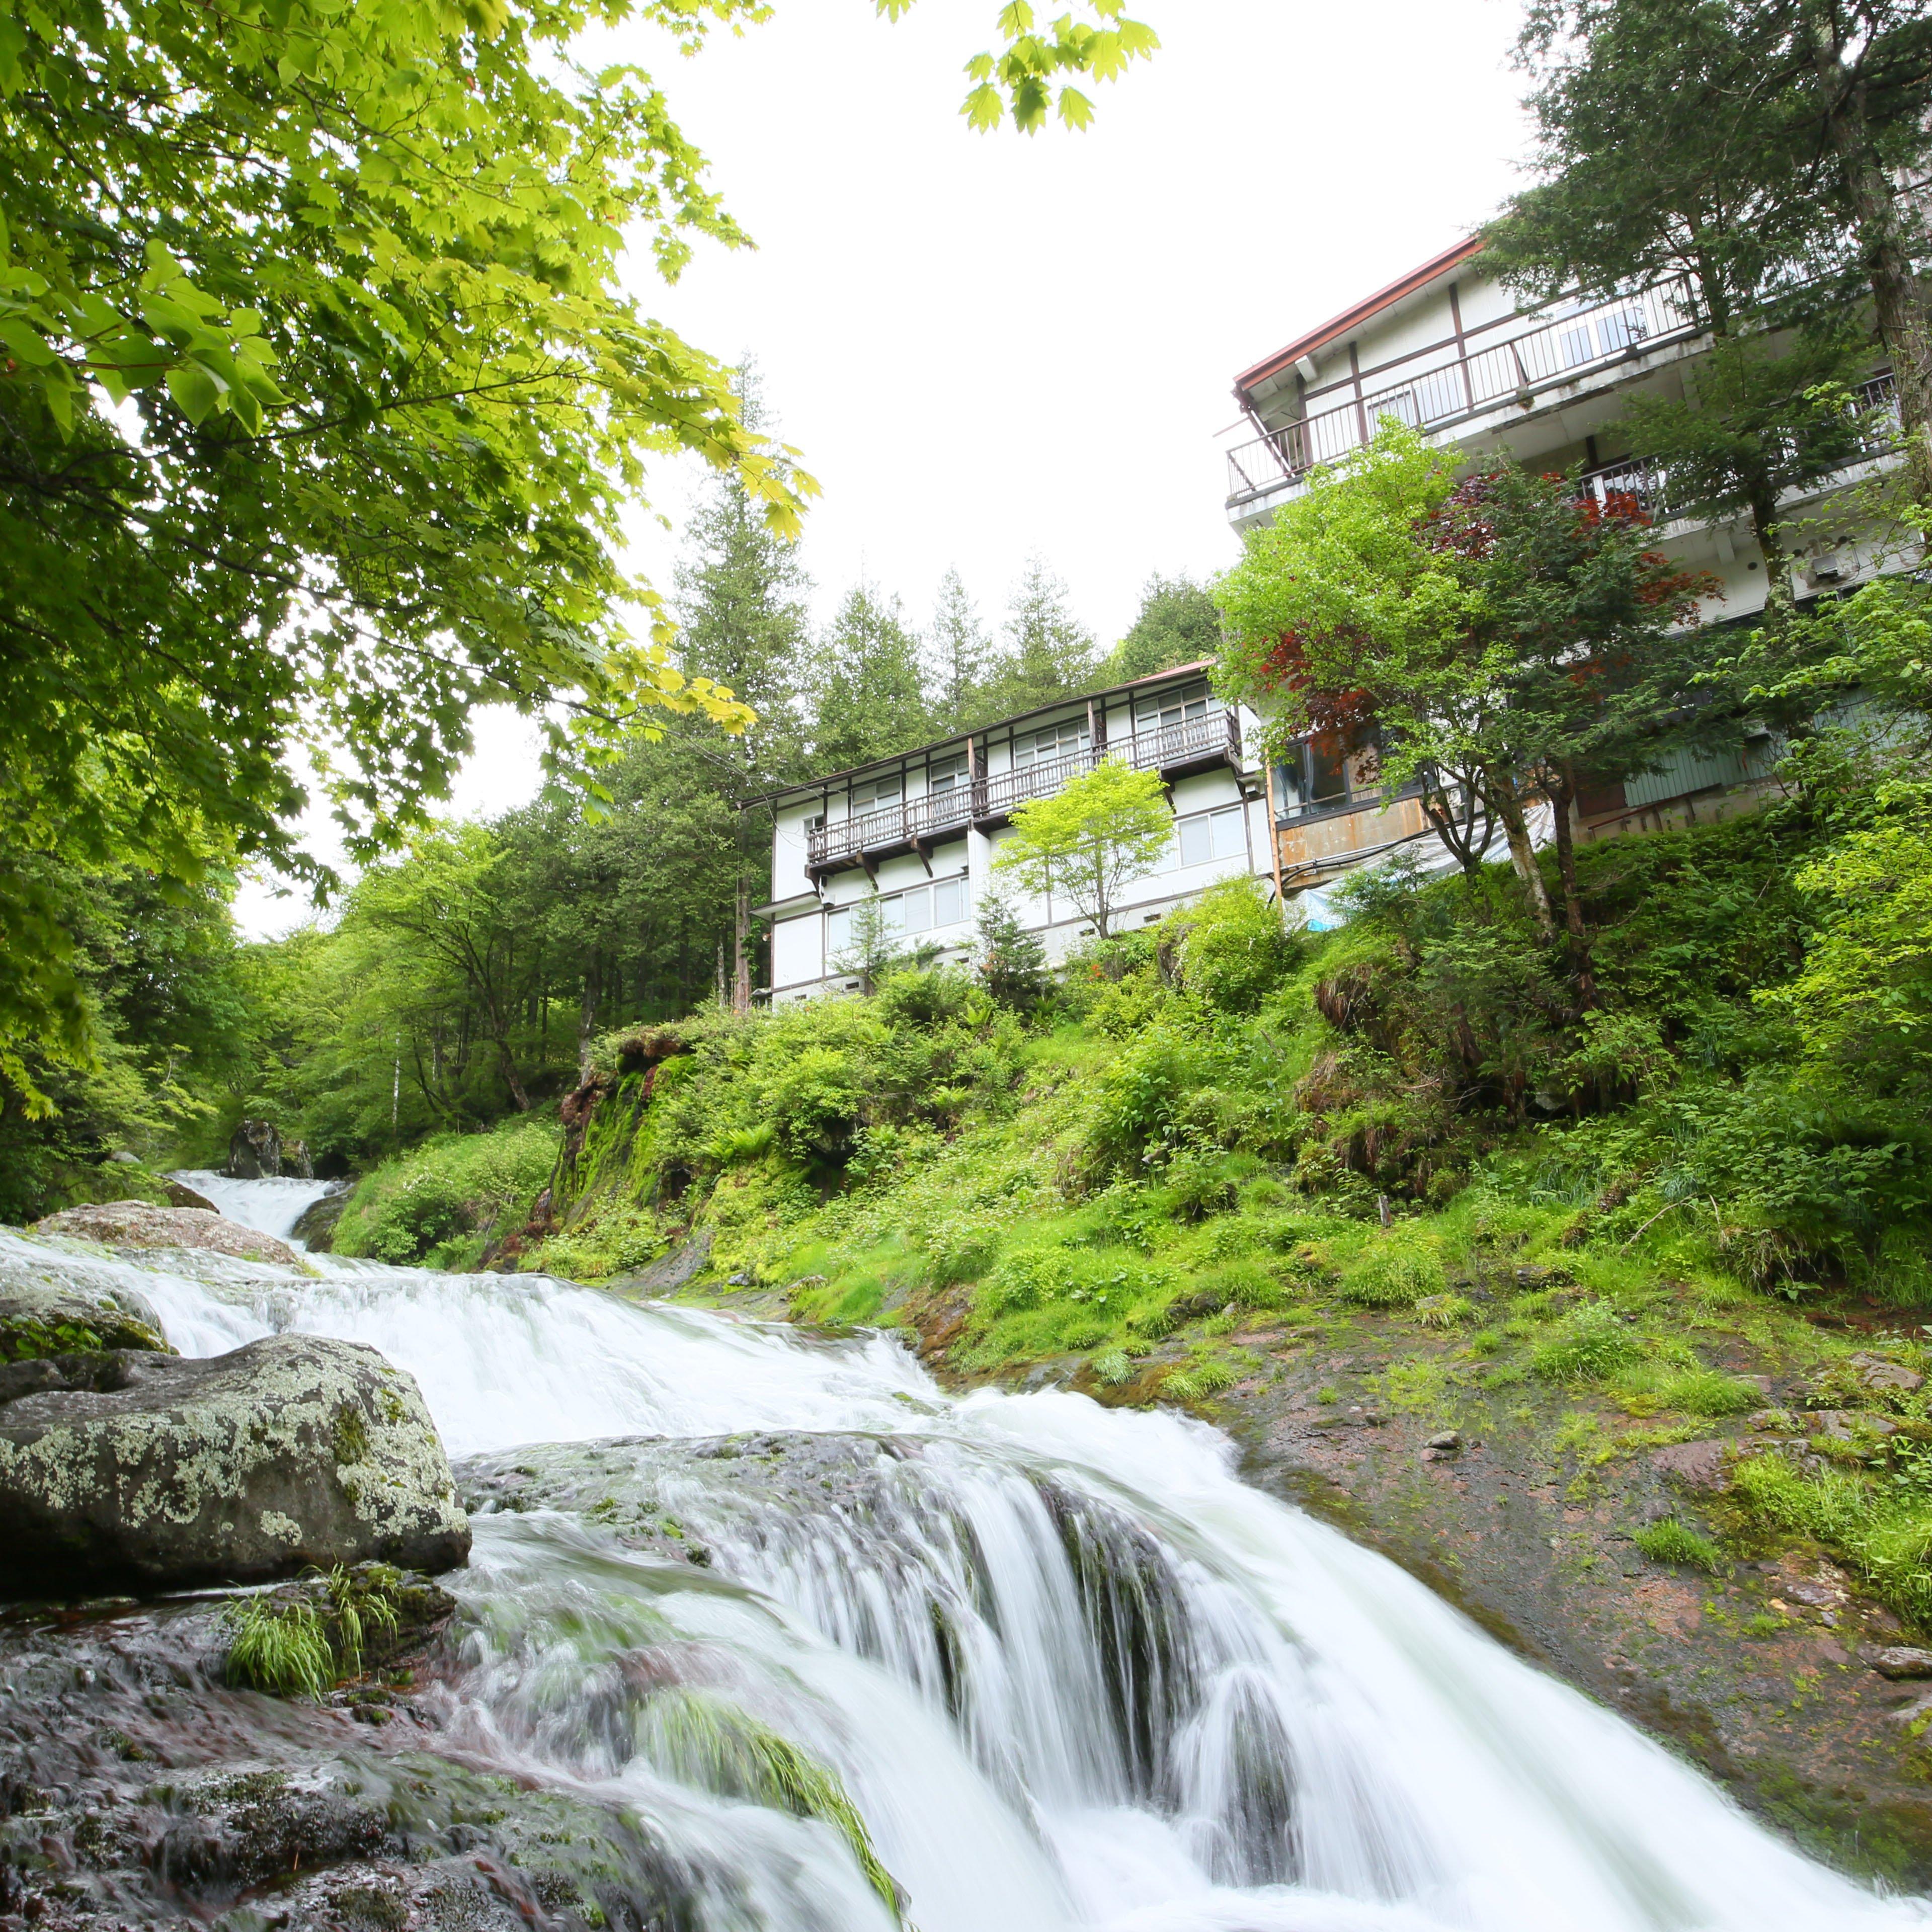 長野県の秘境の温泉宿で素泊りを楽しもう![素泊り]2名1室 7月-8月-10月宿泊分のイメージその4